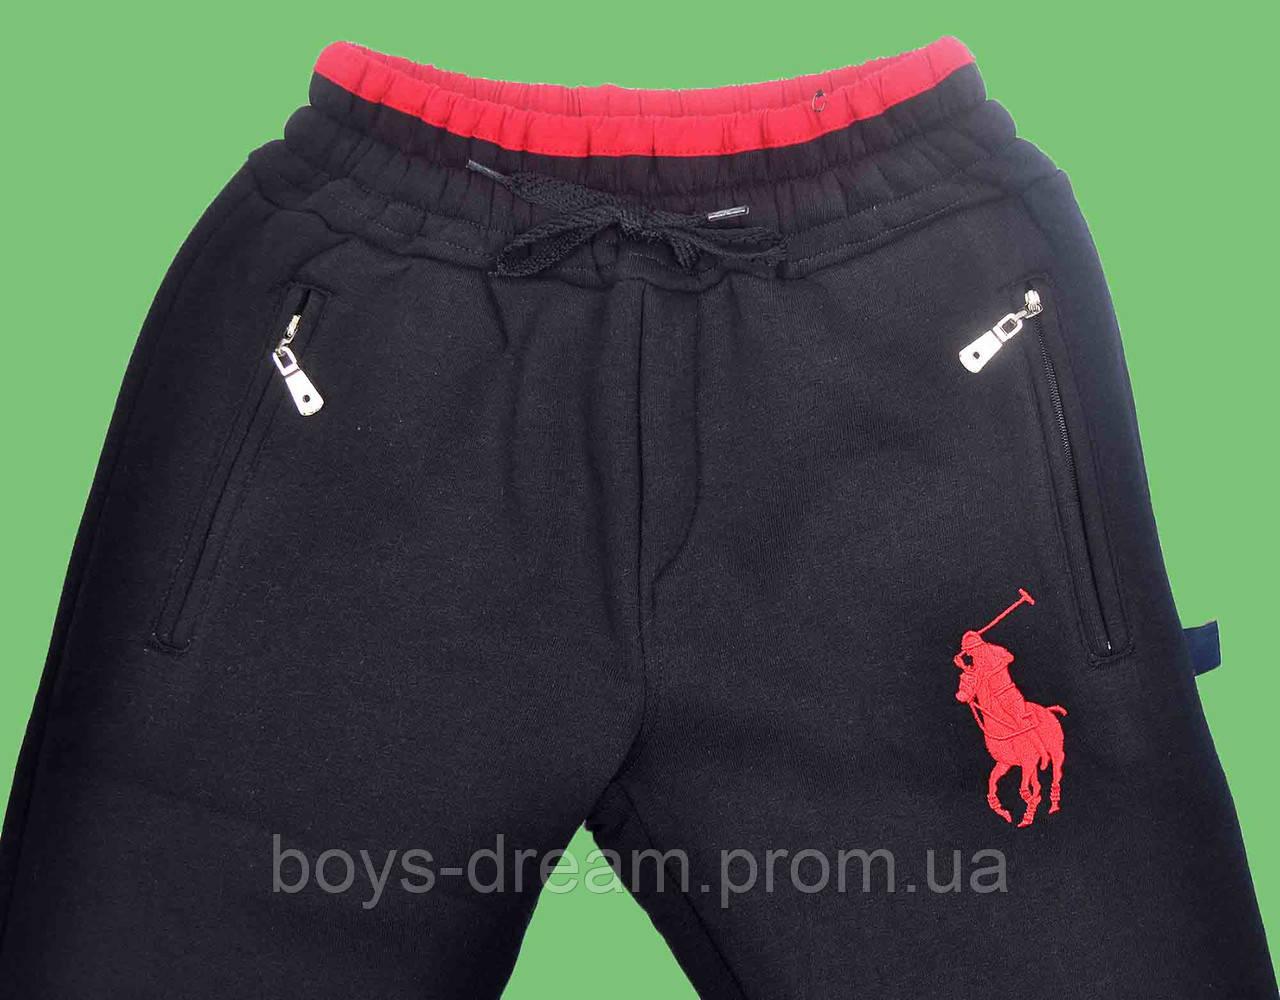 Утепленные спортивные штаны для мальчика U.S.Polo Assn(Турция)